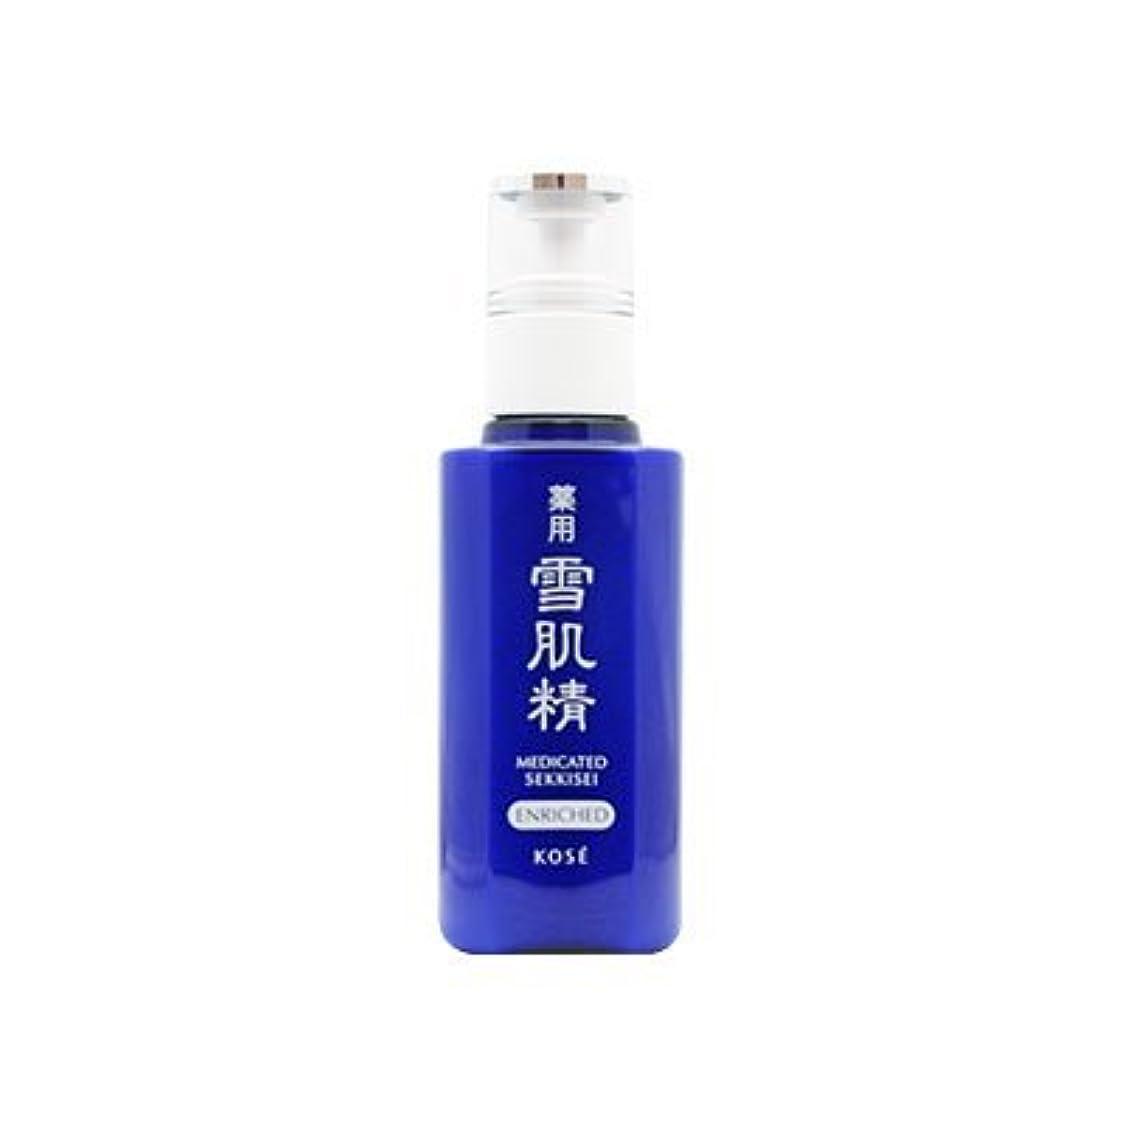 証明する差し引くカップコーセー(KOSE) 薬用 雪肌精 乳液 140ml[並行輸入品]